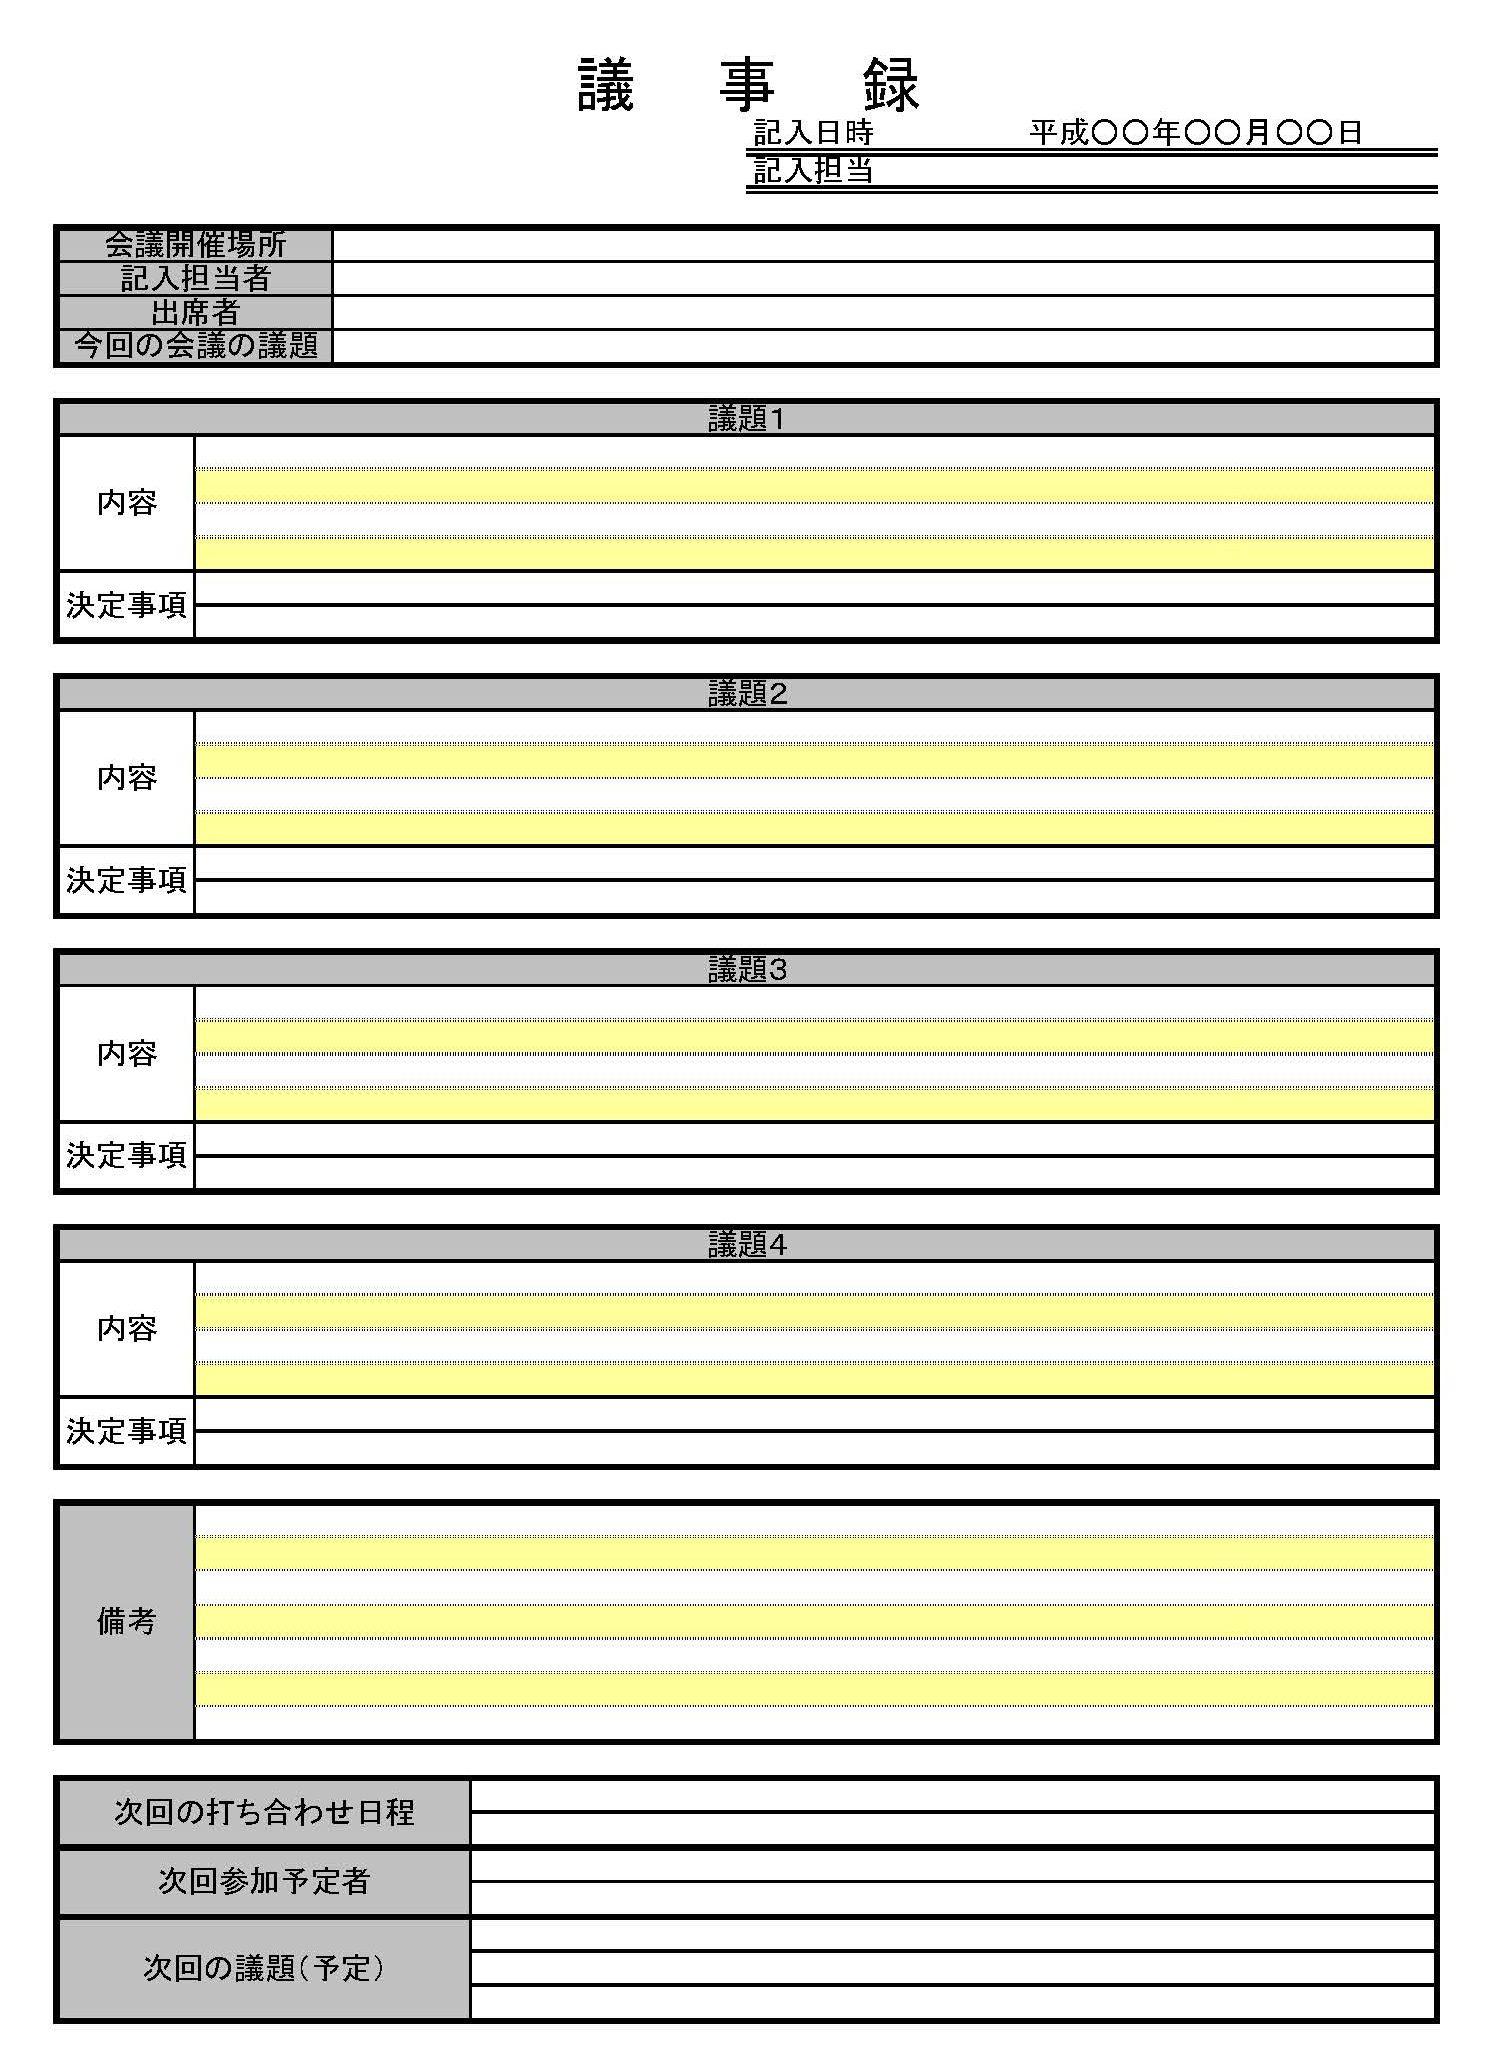 会員登録不要で無料でダウンロードできる議事録4のテンプレート書式